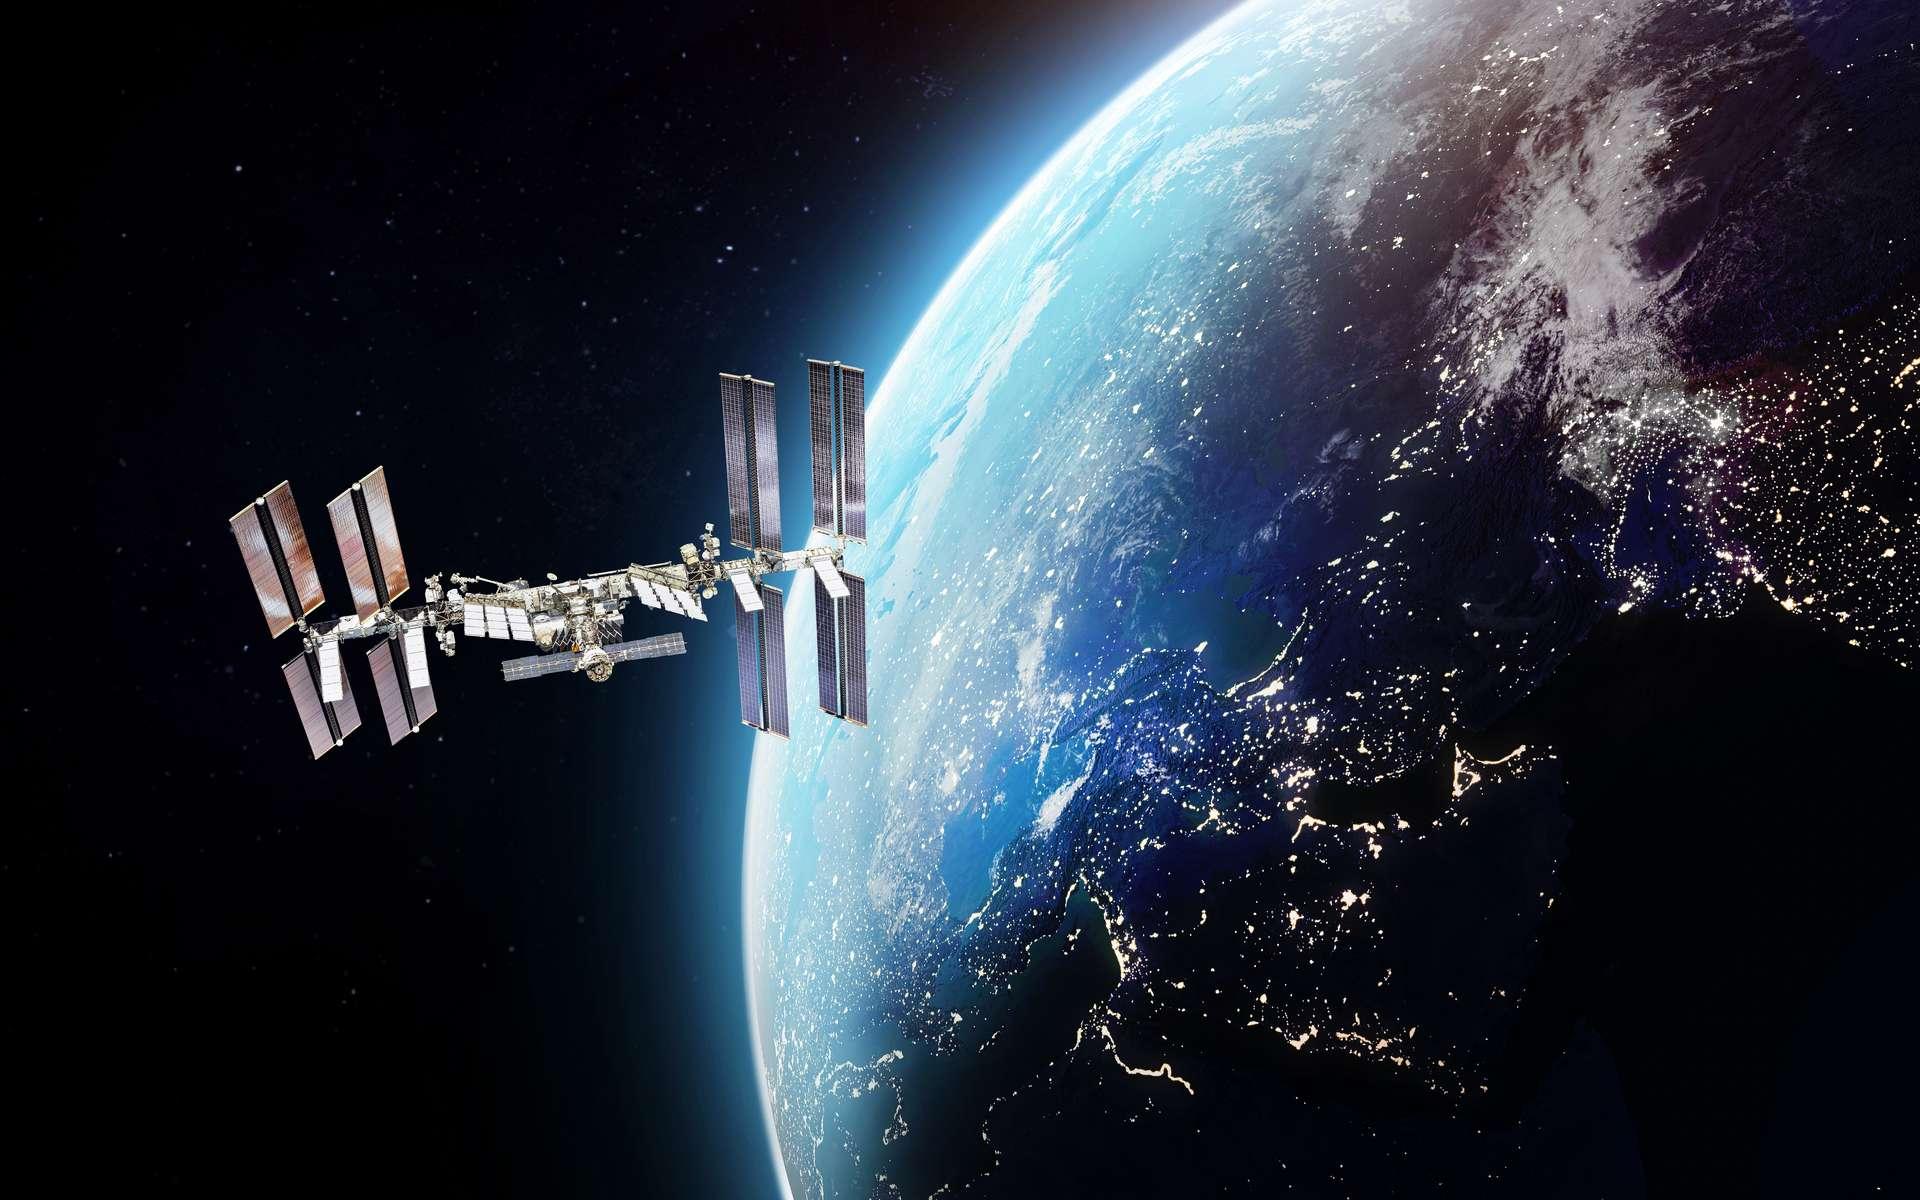 Pour la toute première fois, un studio filme en 3D à 360 degrés autour de la Station spatiale internationale. © dimazel, AdobeStock